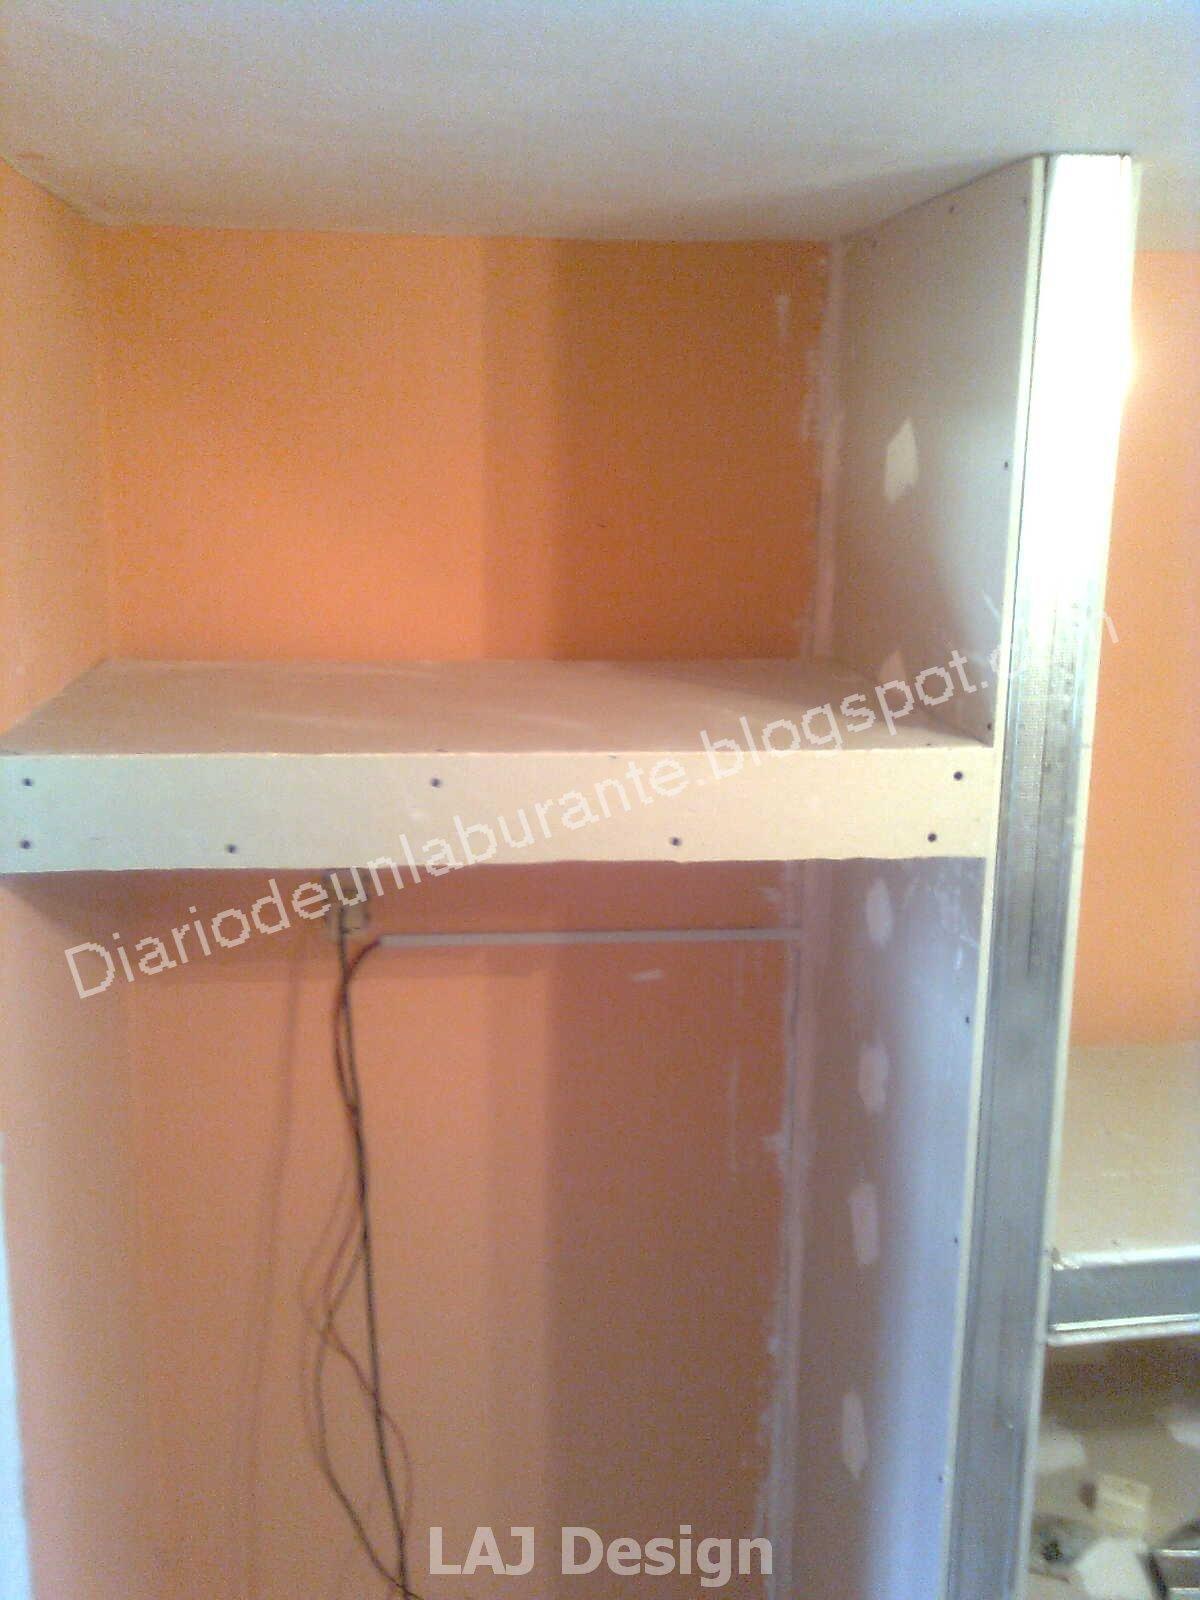 Diario de un laburante mueble durlock en la cocina parte 1 for Partes de un mueble de cocina